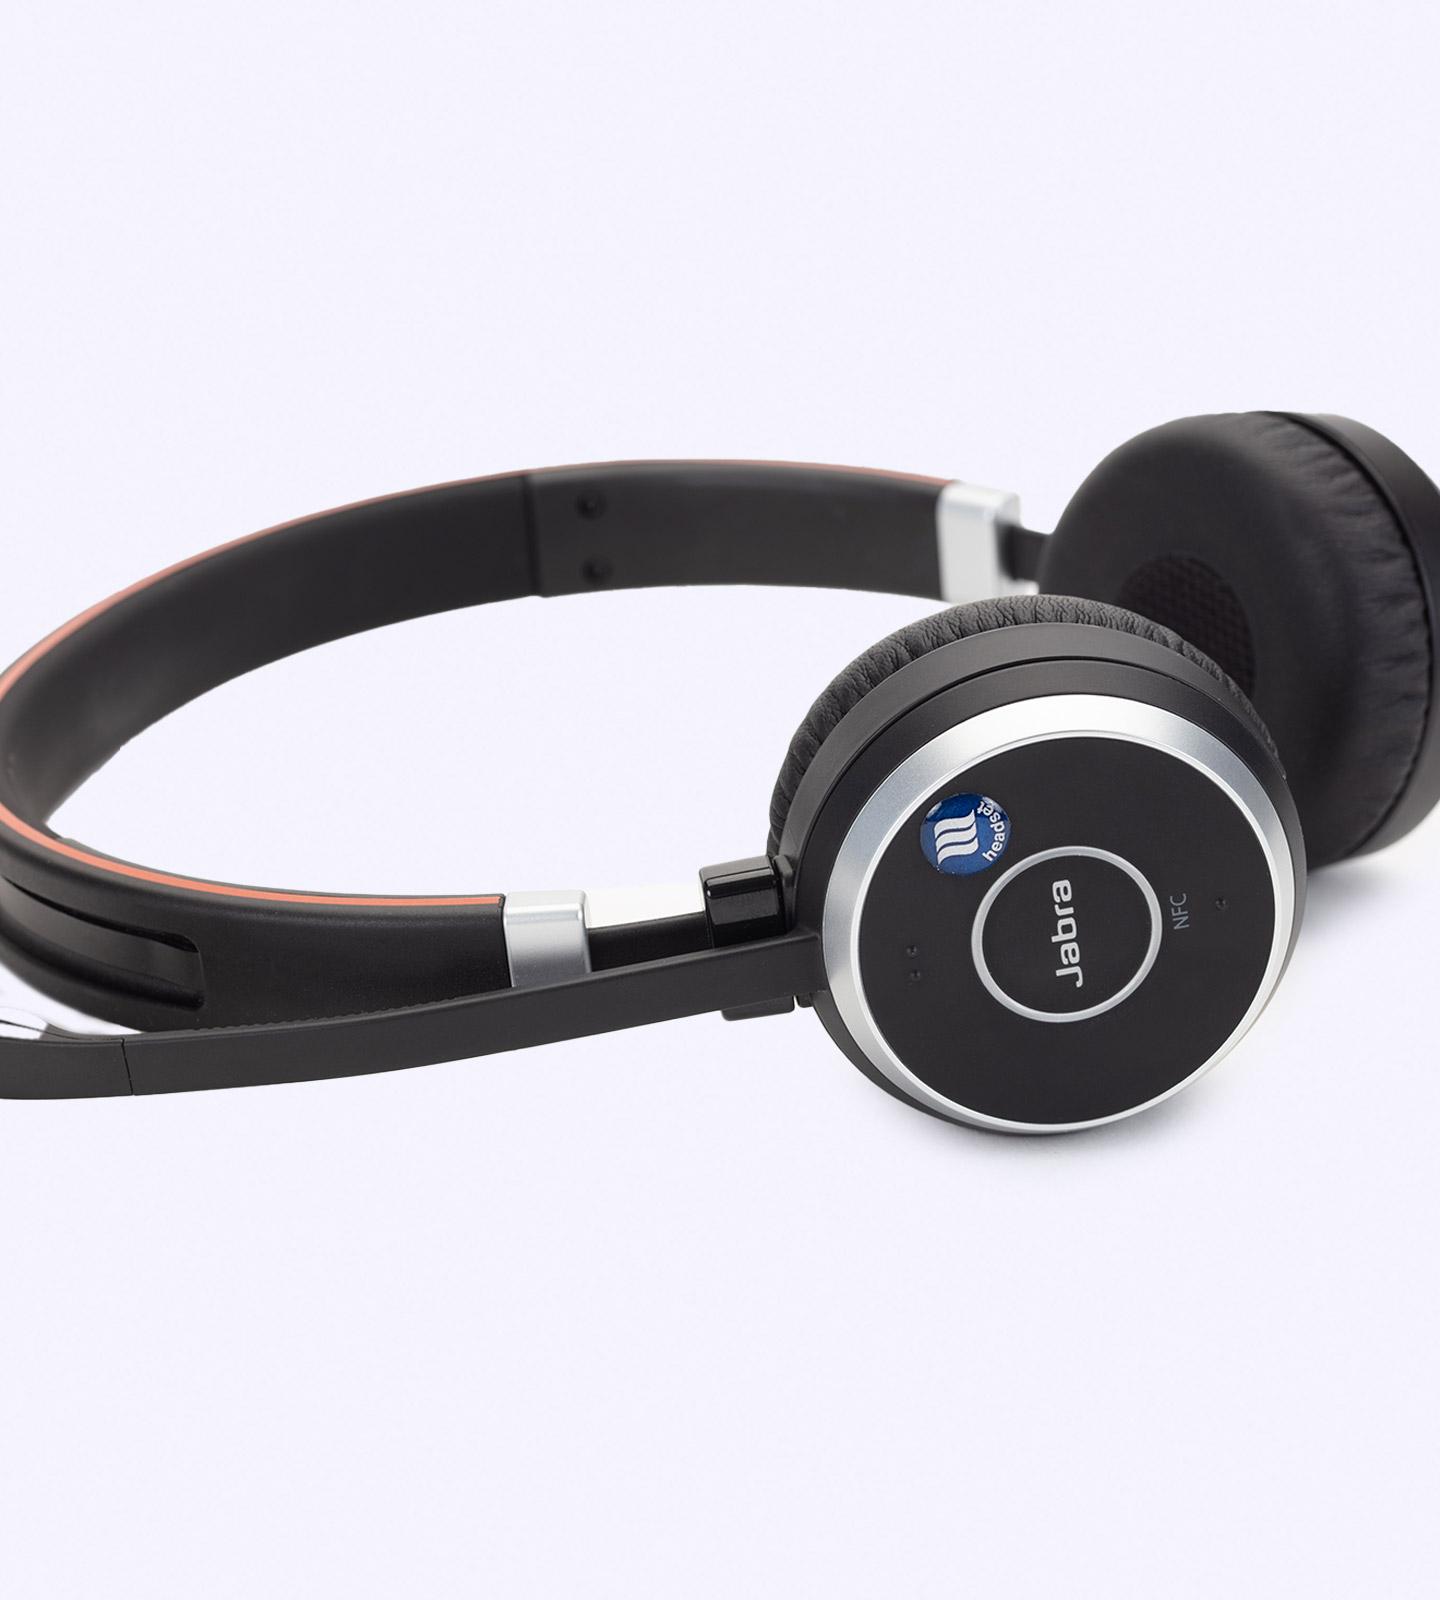 Der memonizerHEADSET installiert auf einem kabellosen Bluetooth-Kopfhörer